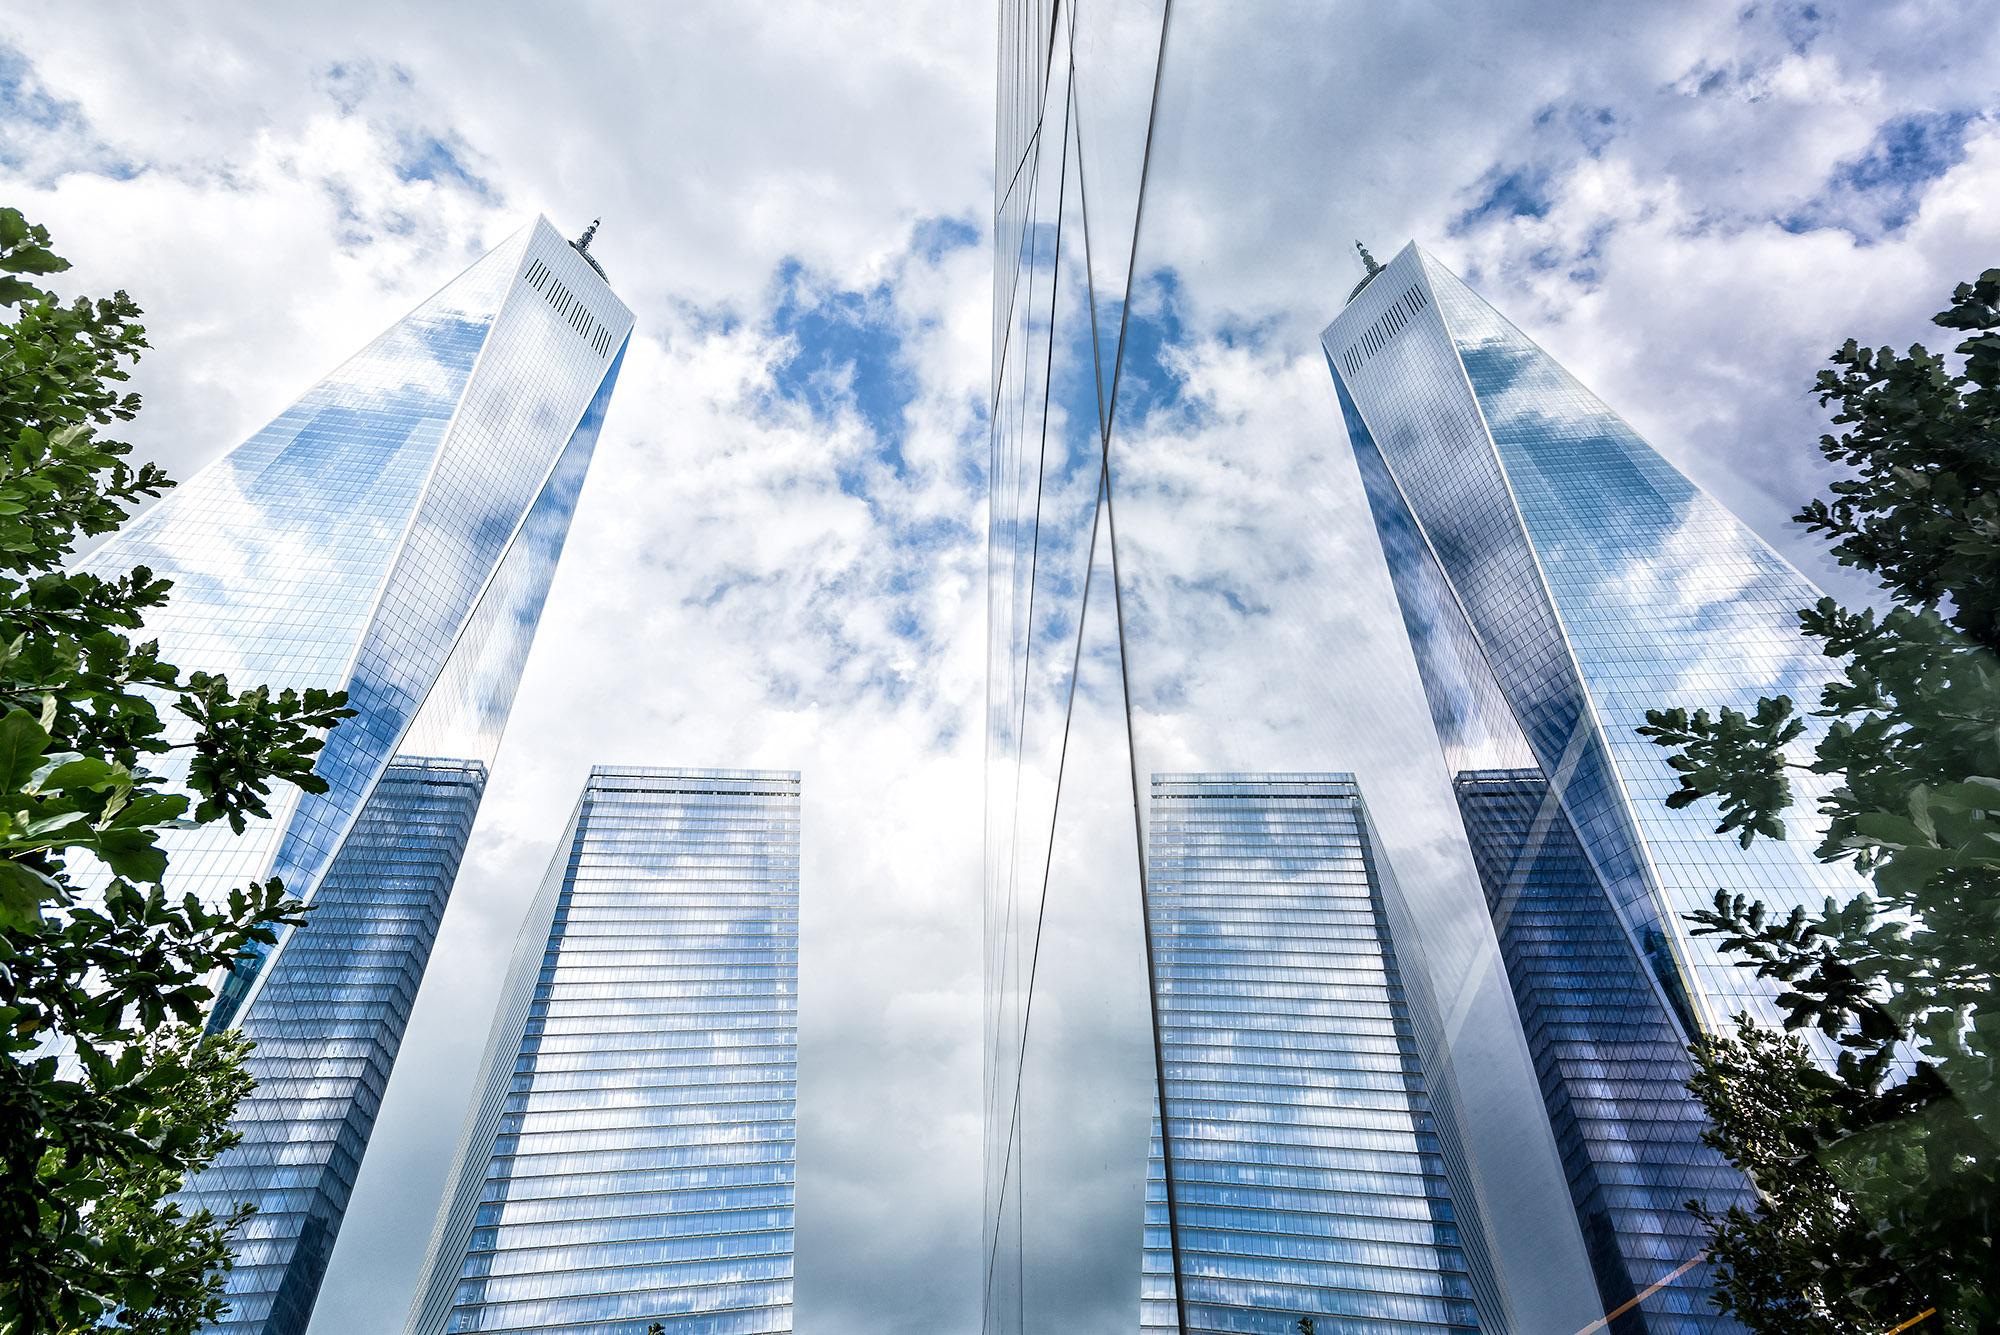 world trade center 11 september New York